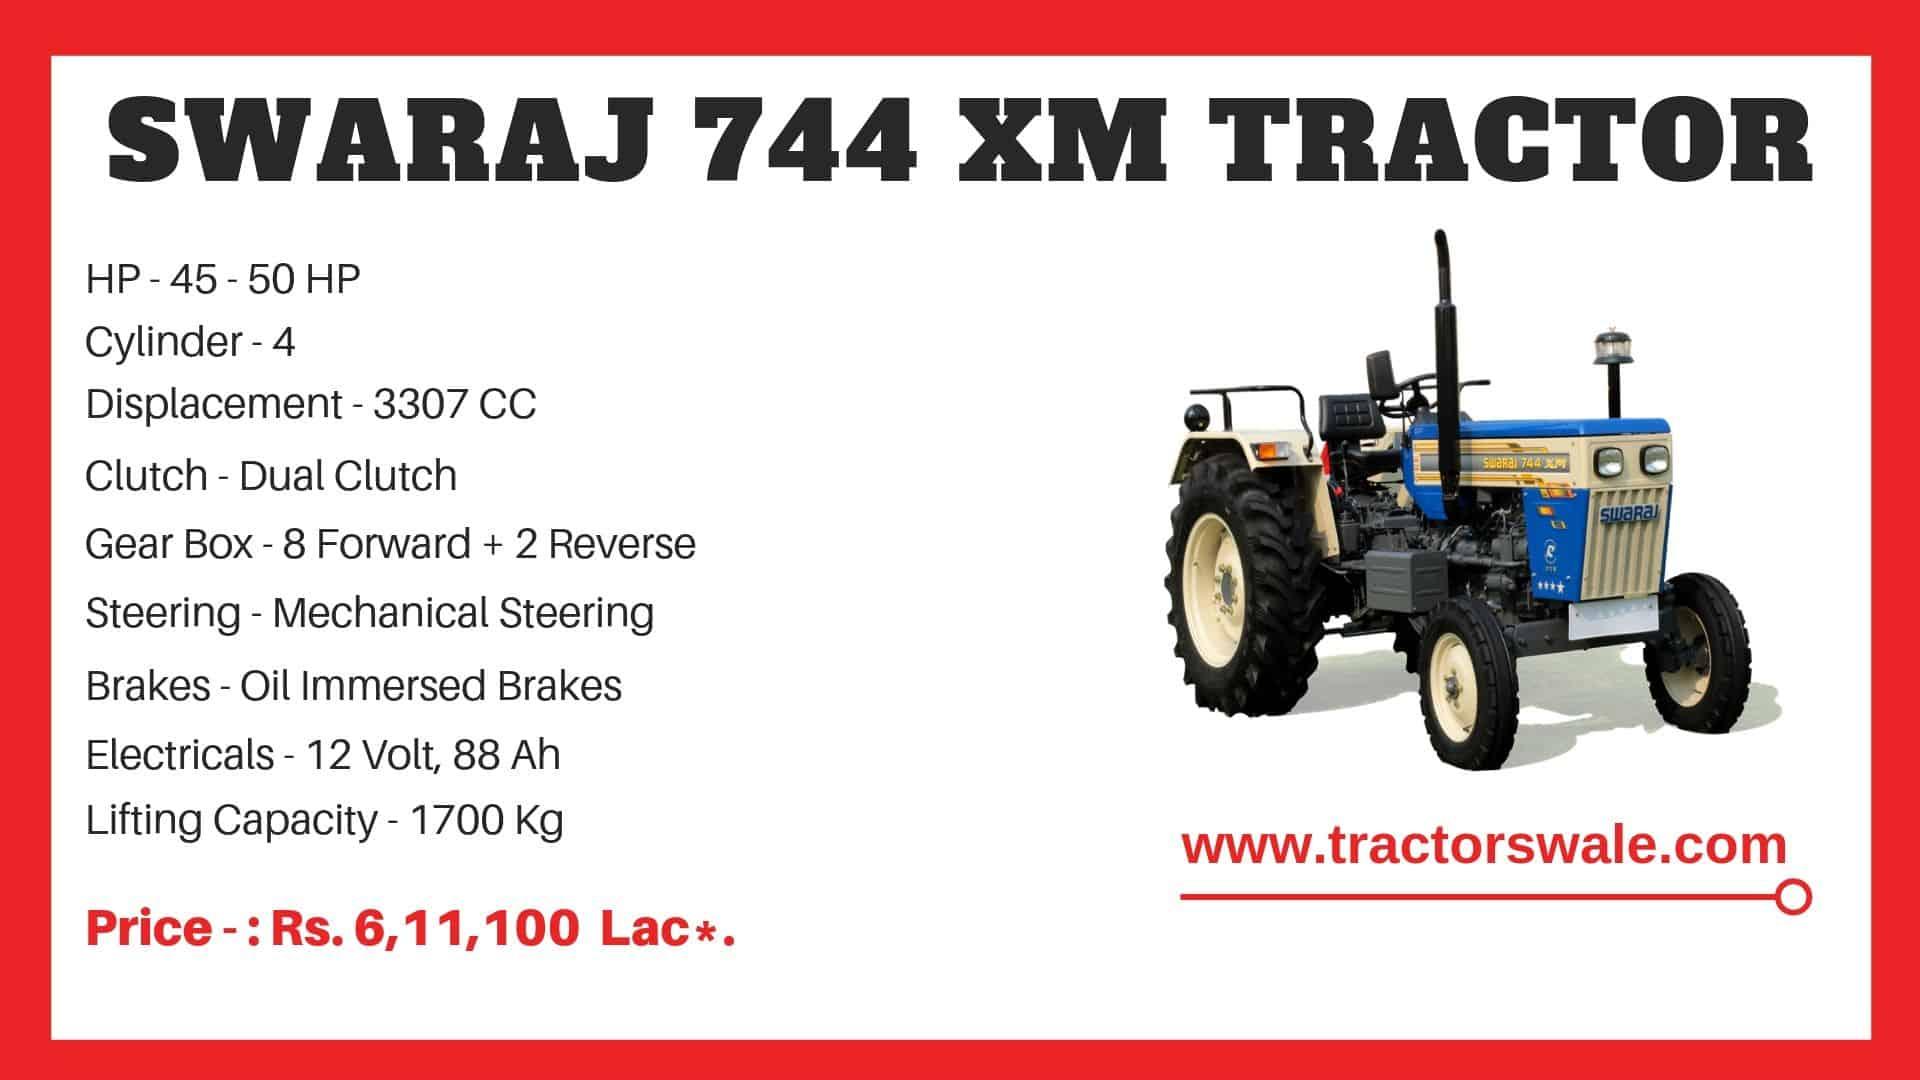 Specification of Swaraj 744 XM Tractor